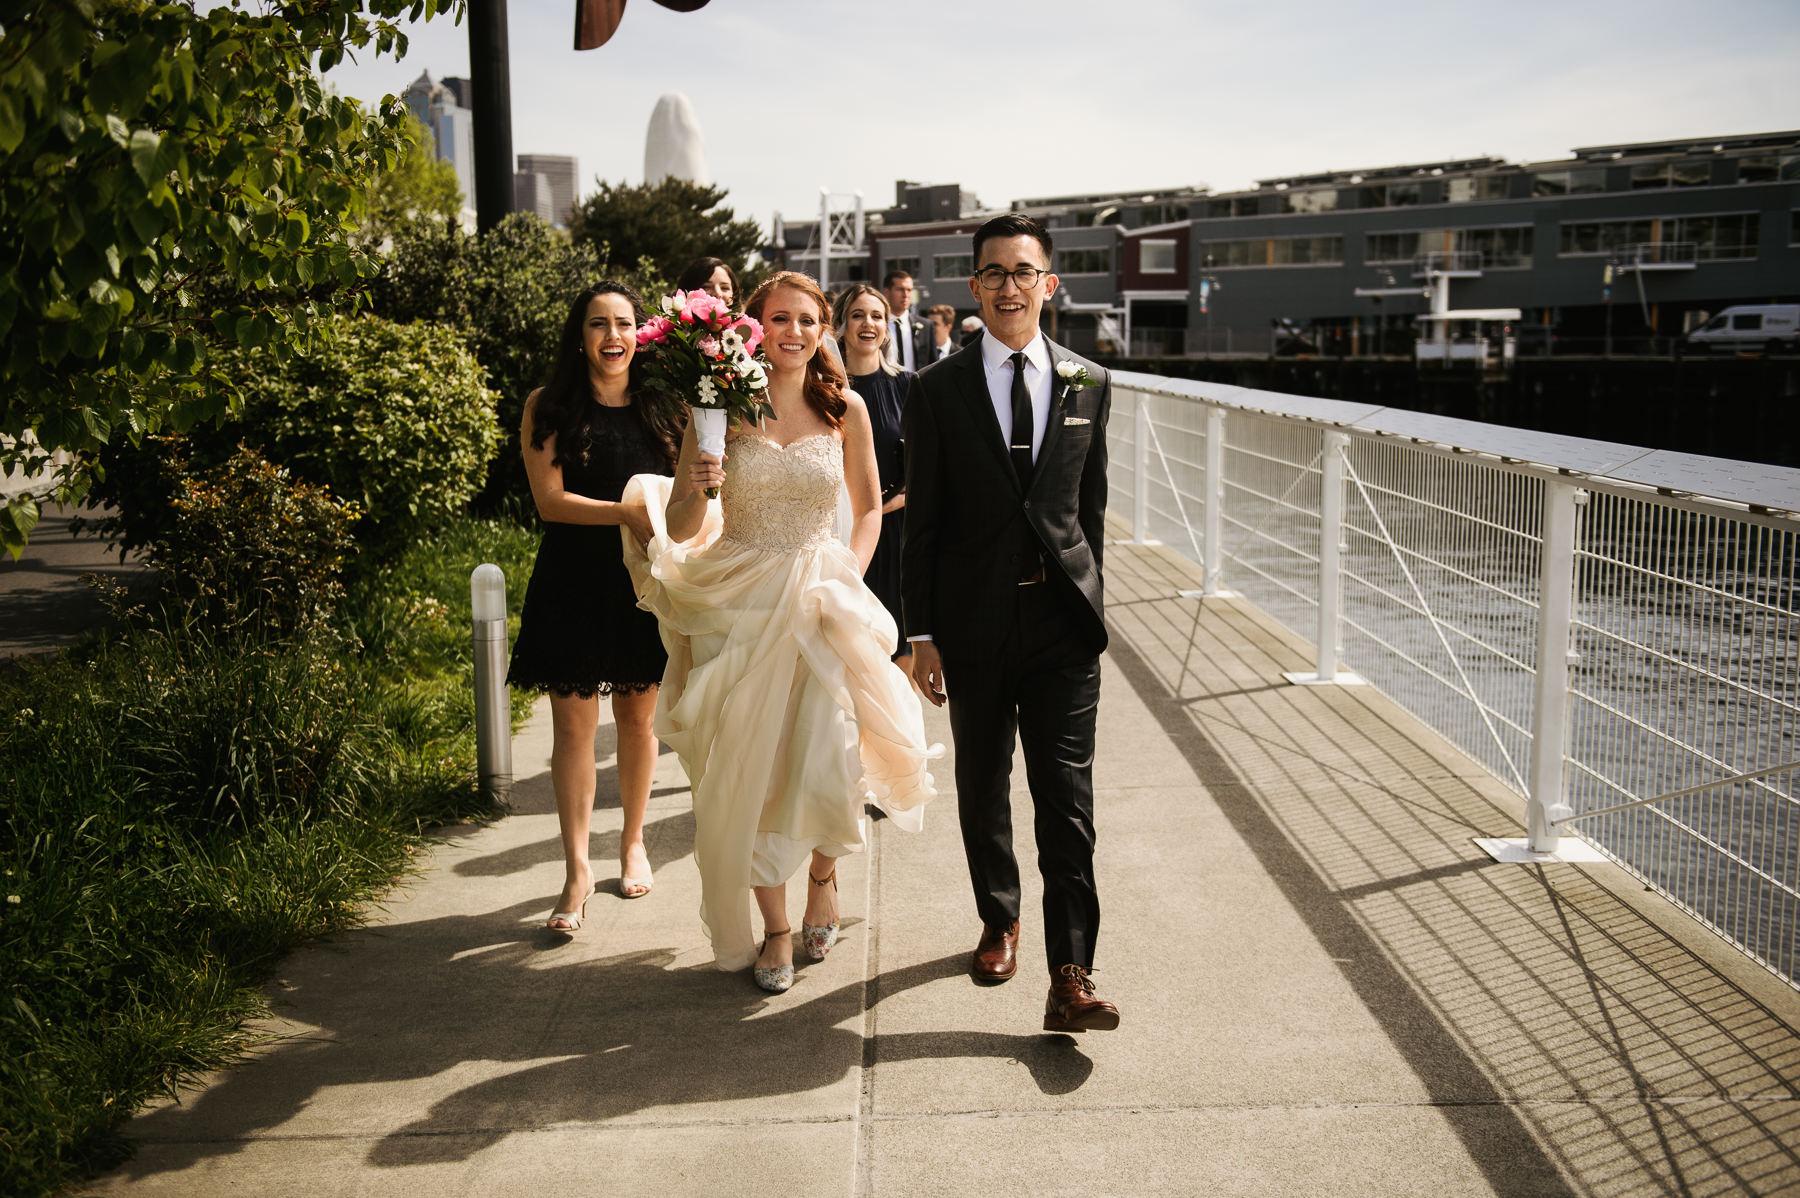 sculpture park seattle bridal party walking